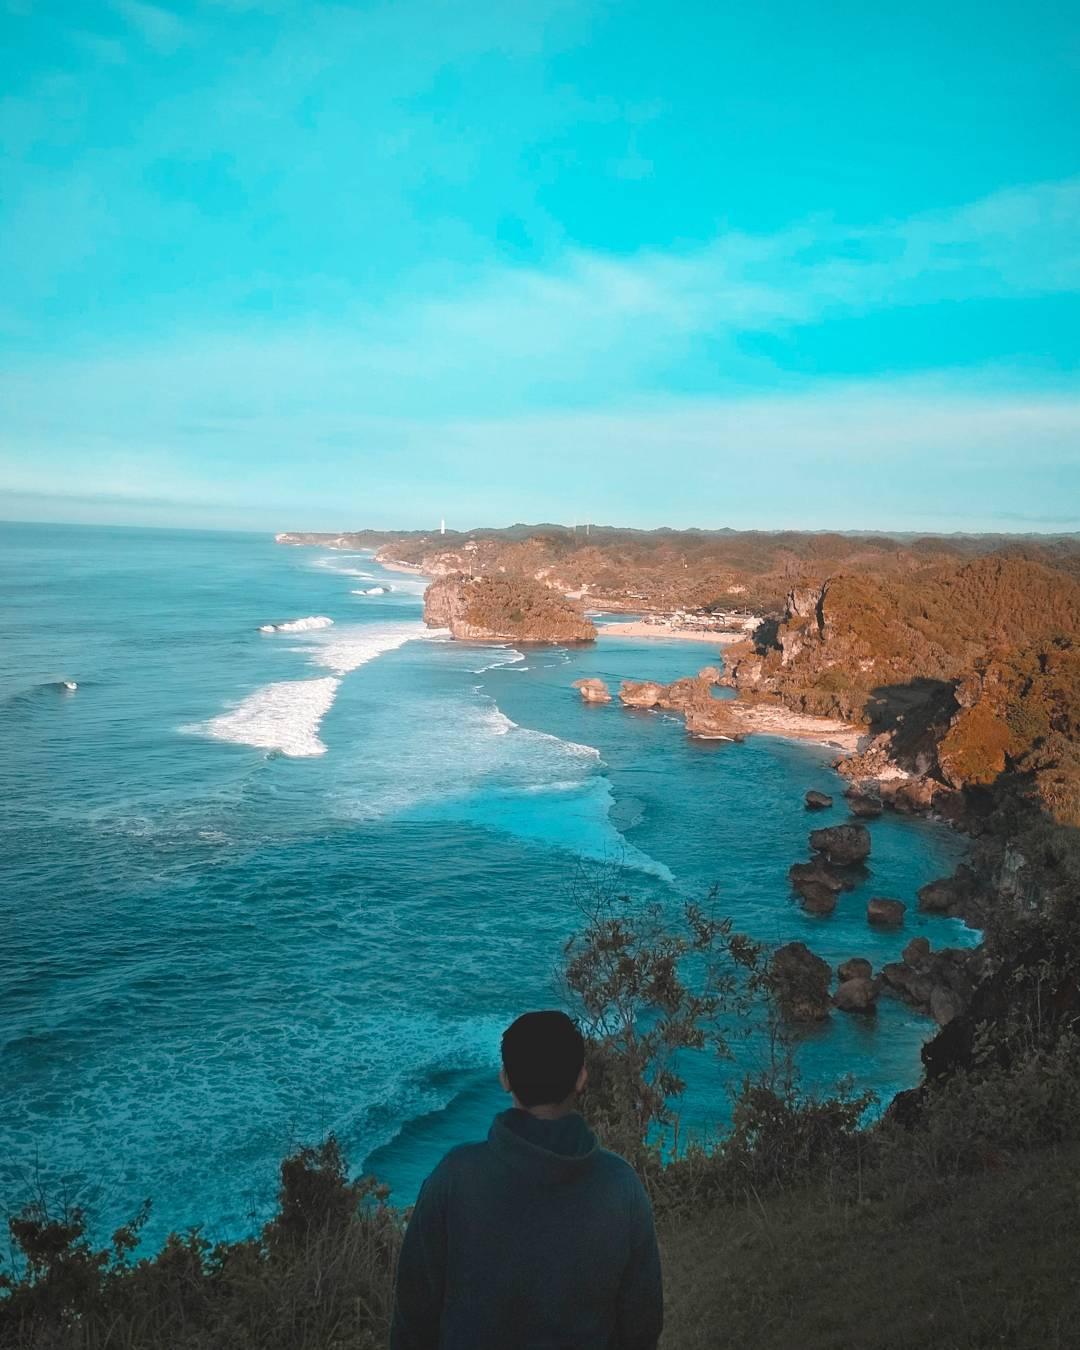 Bukit Kosakora, Bukit Kosakora Yogyakarta, Yogyakarta, Dolan Dolen, Dolaners Bukit Kosakora via rezzacandra - Dolan Dolen